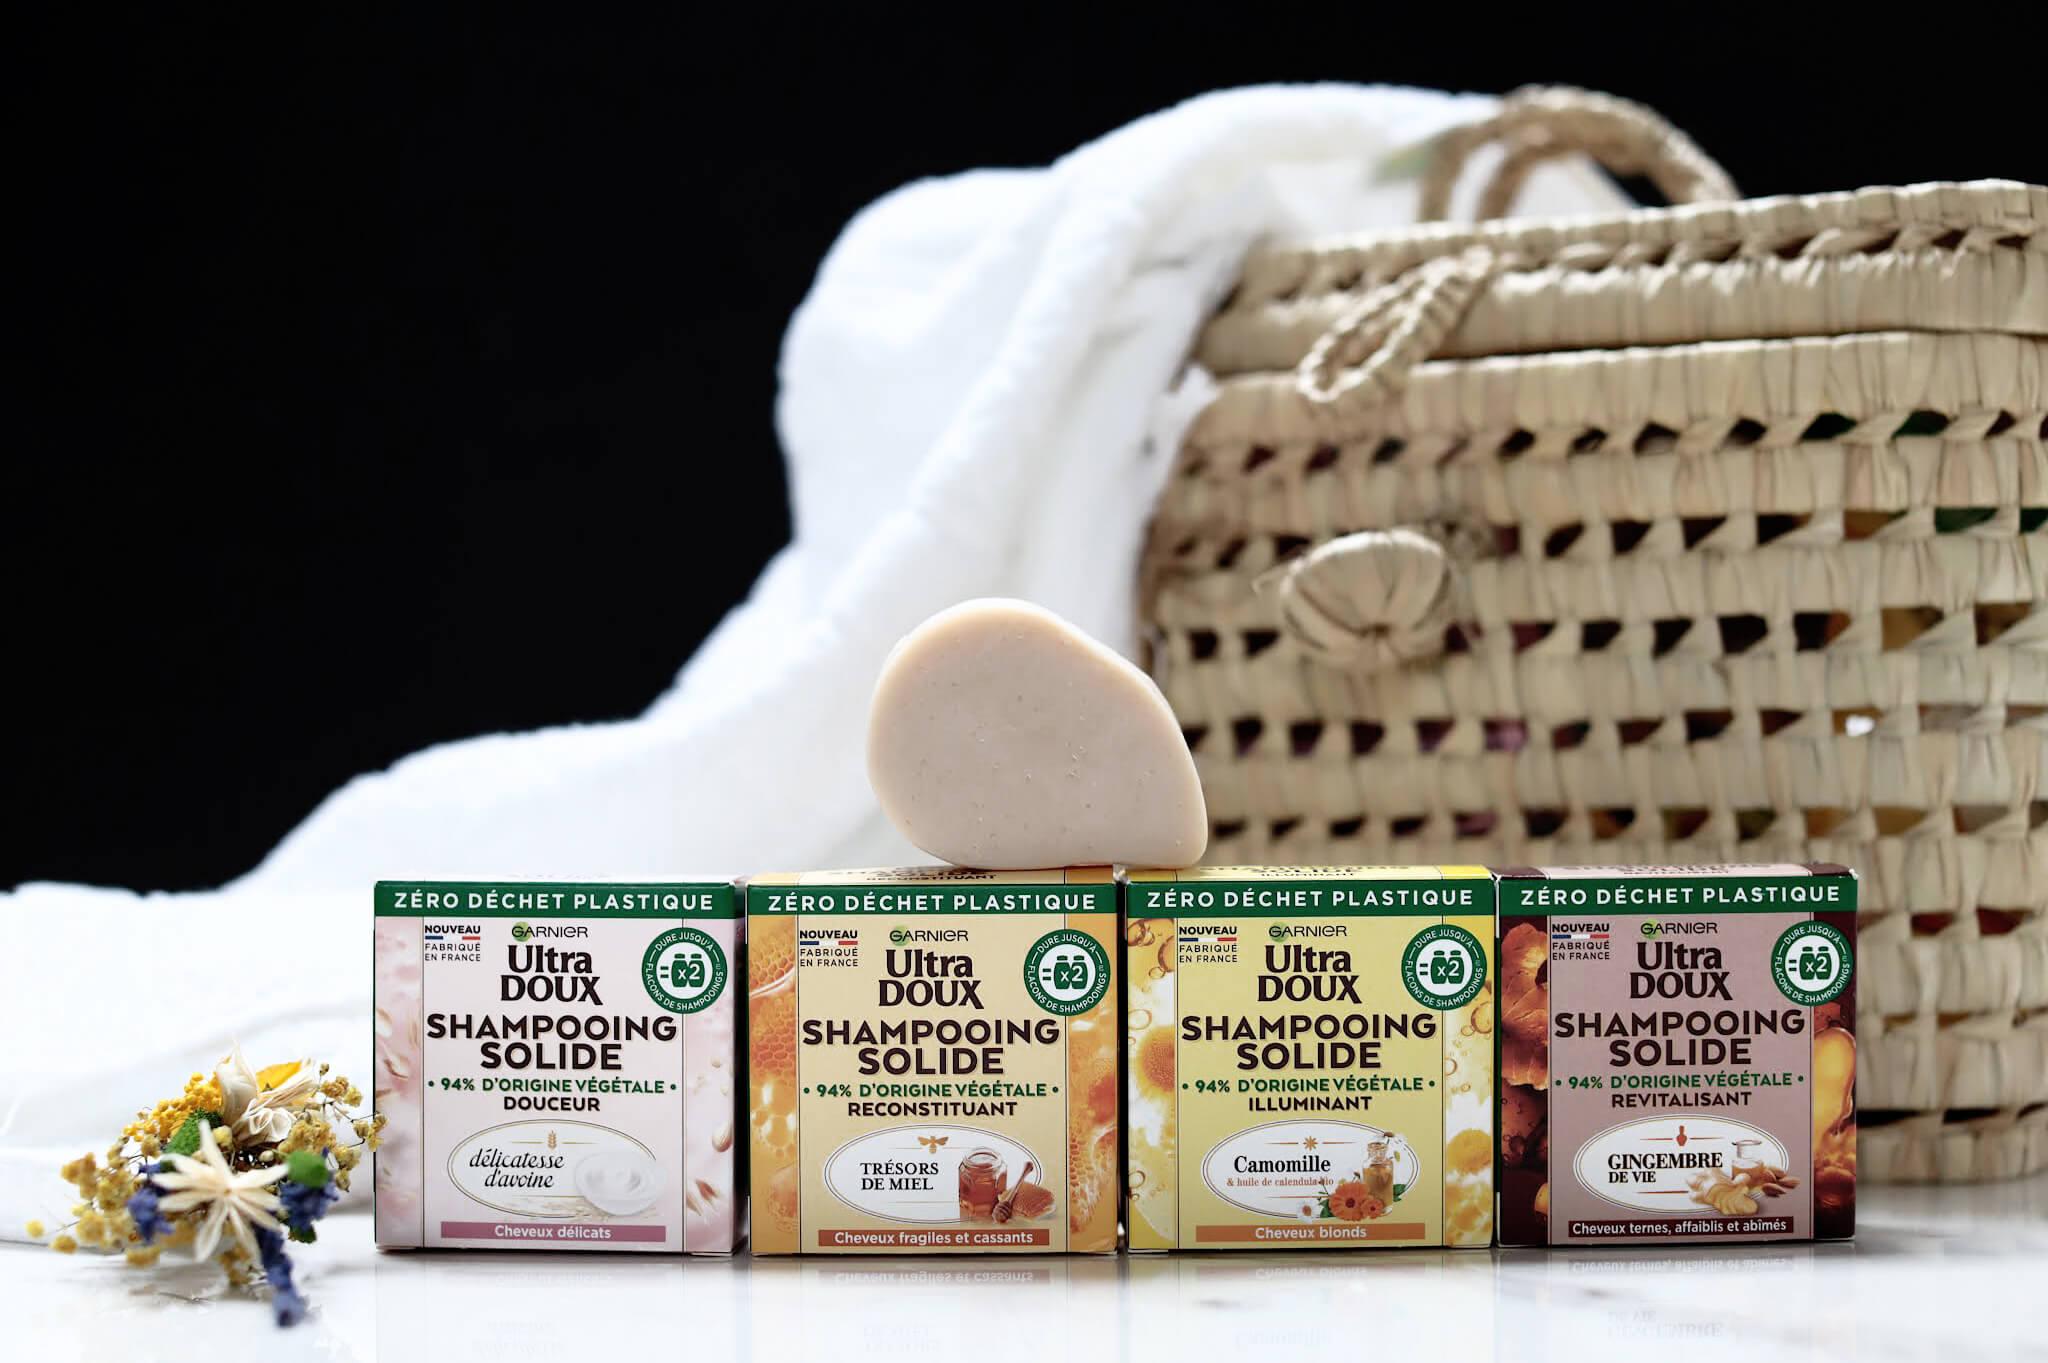 Garnier Ultra Doux Shampoong Solide